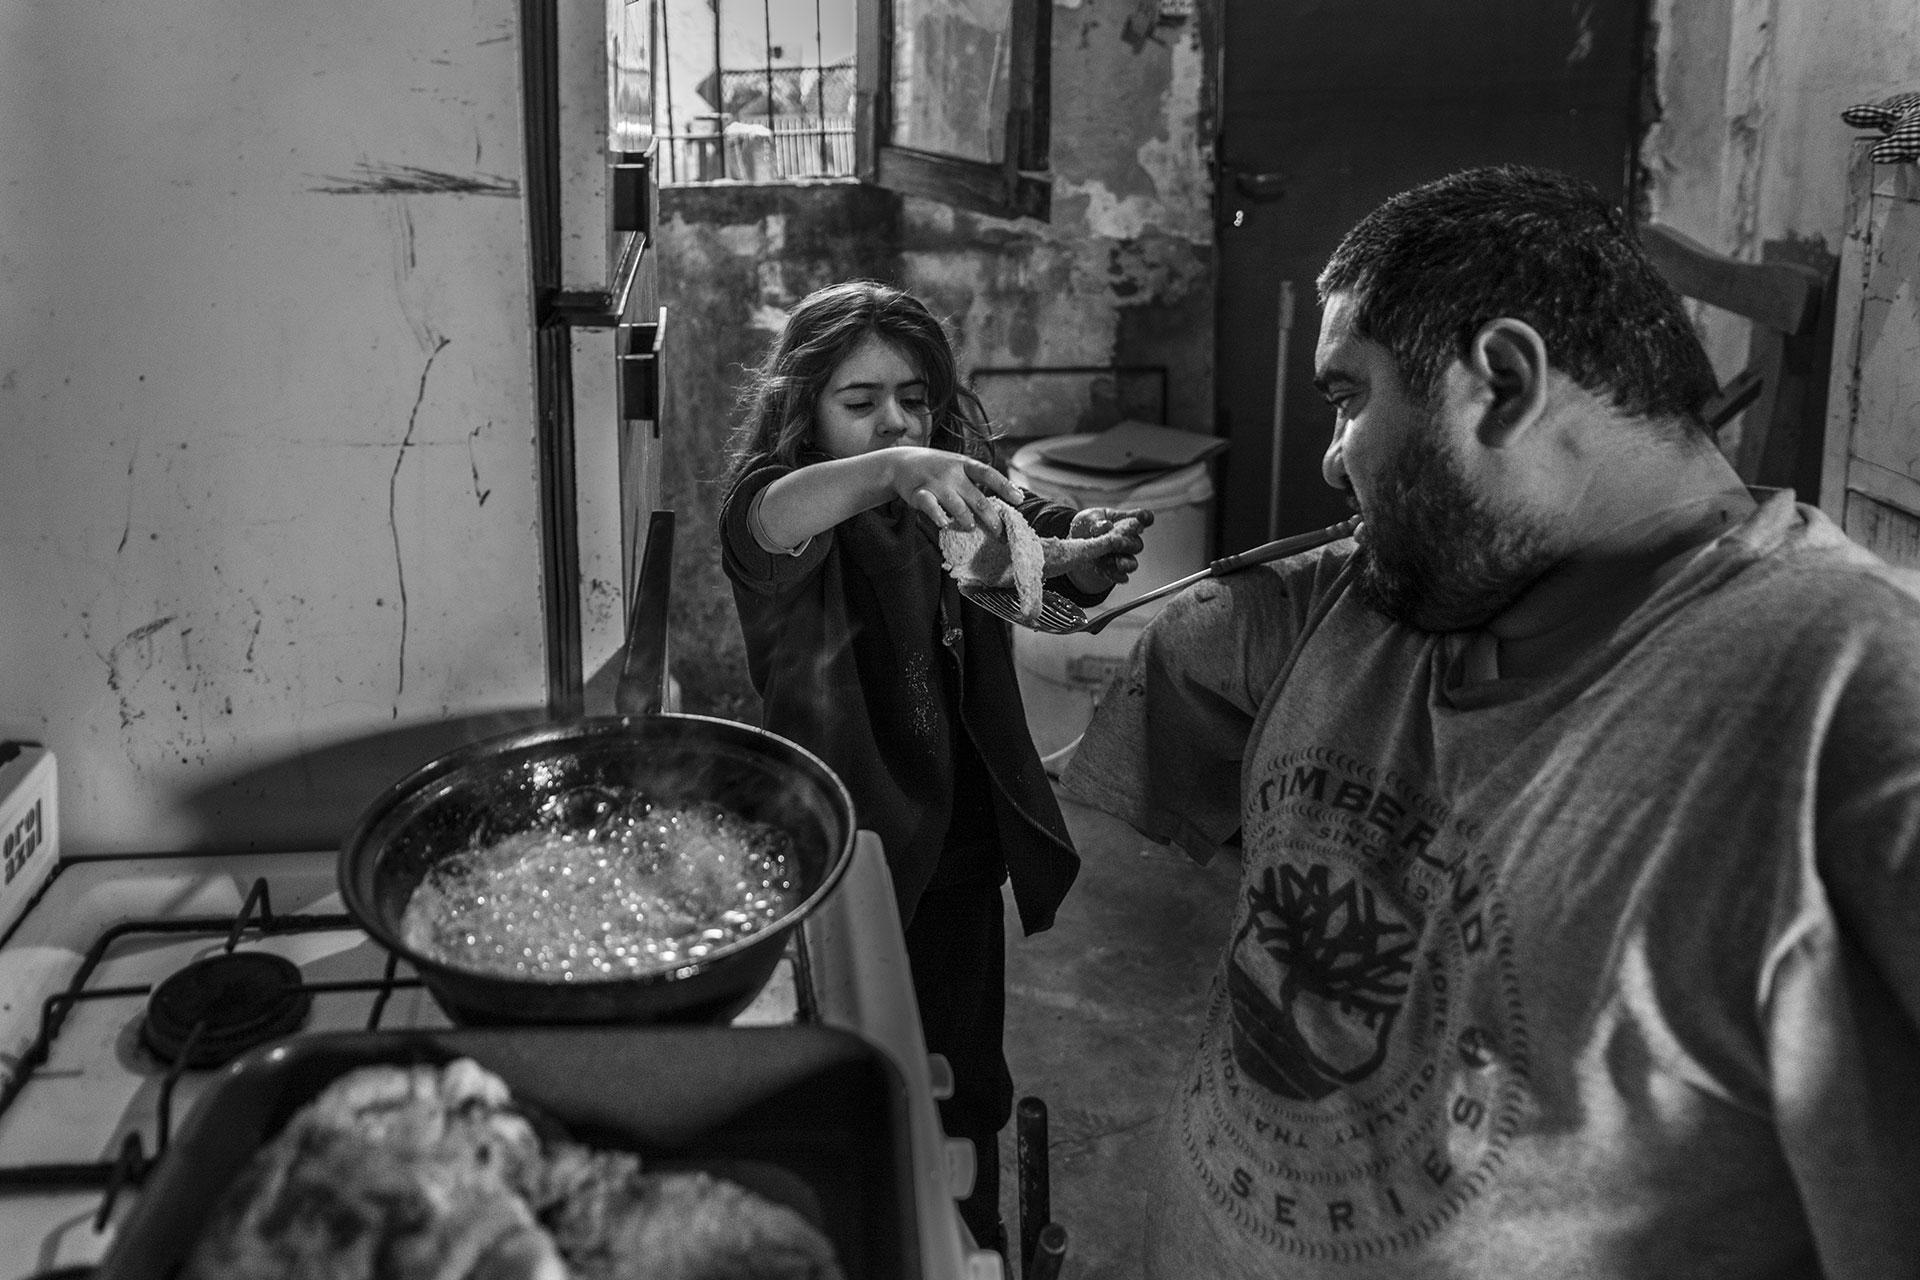 Jorge suele cocinar para su familia mientras Ángeles pide colaborar para compartir esa actividad con su papá.